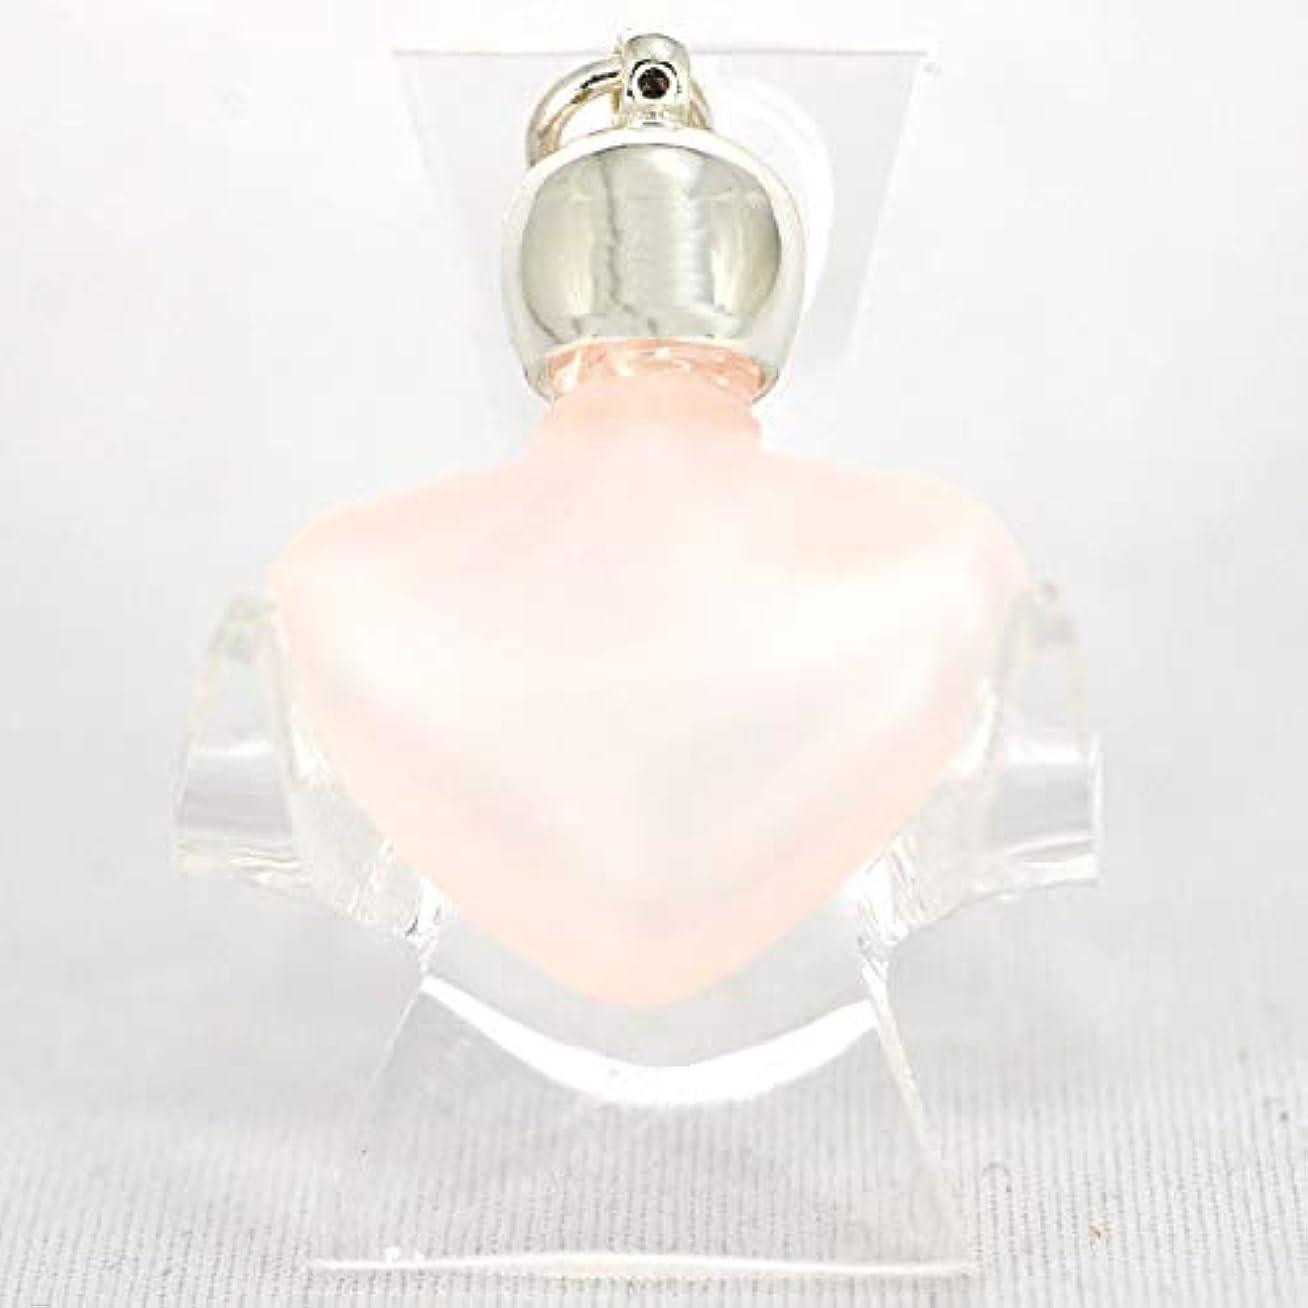 元のクリープジョグミニ香水瓶 アロマペンダントトップ ハートピンクフロスト(ピンクすりガラス)0.8ml?シルバー?穴あきキャップ、パッキン付属【アロマオイル?メモリーオイル入れにオススメ】